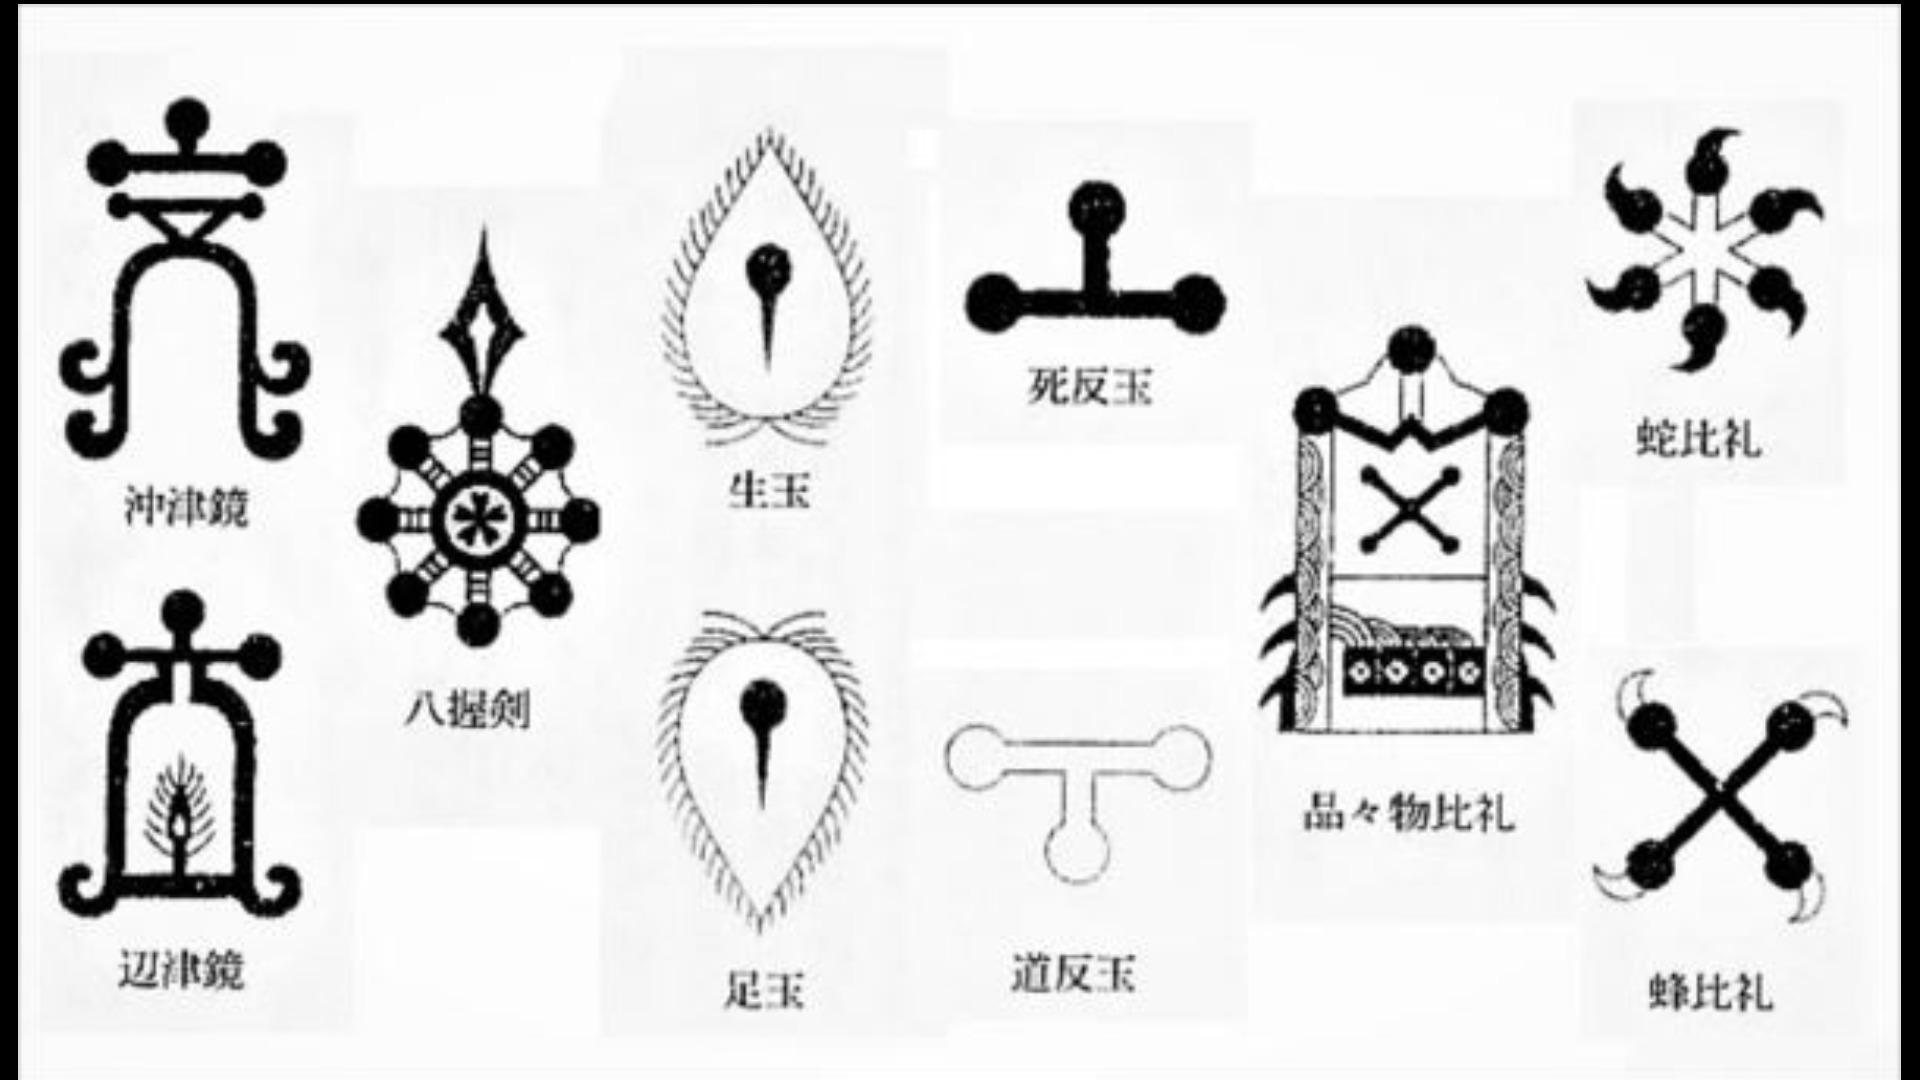 21.6.22【呪術編】第4回 呪術を使う為に必要なこと